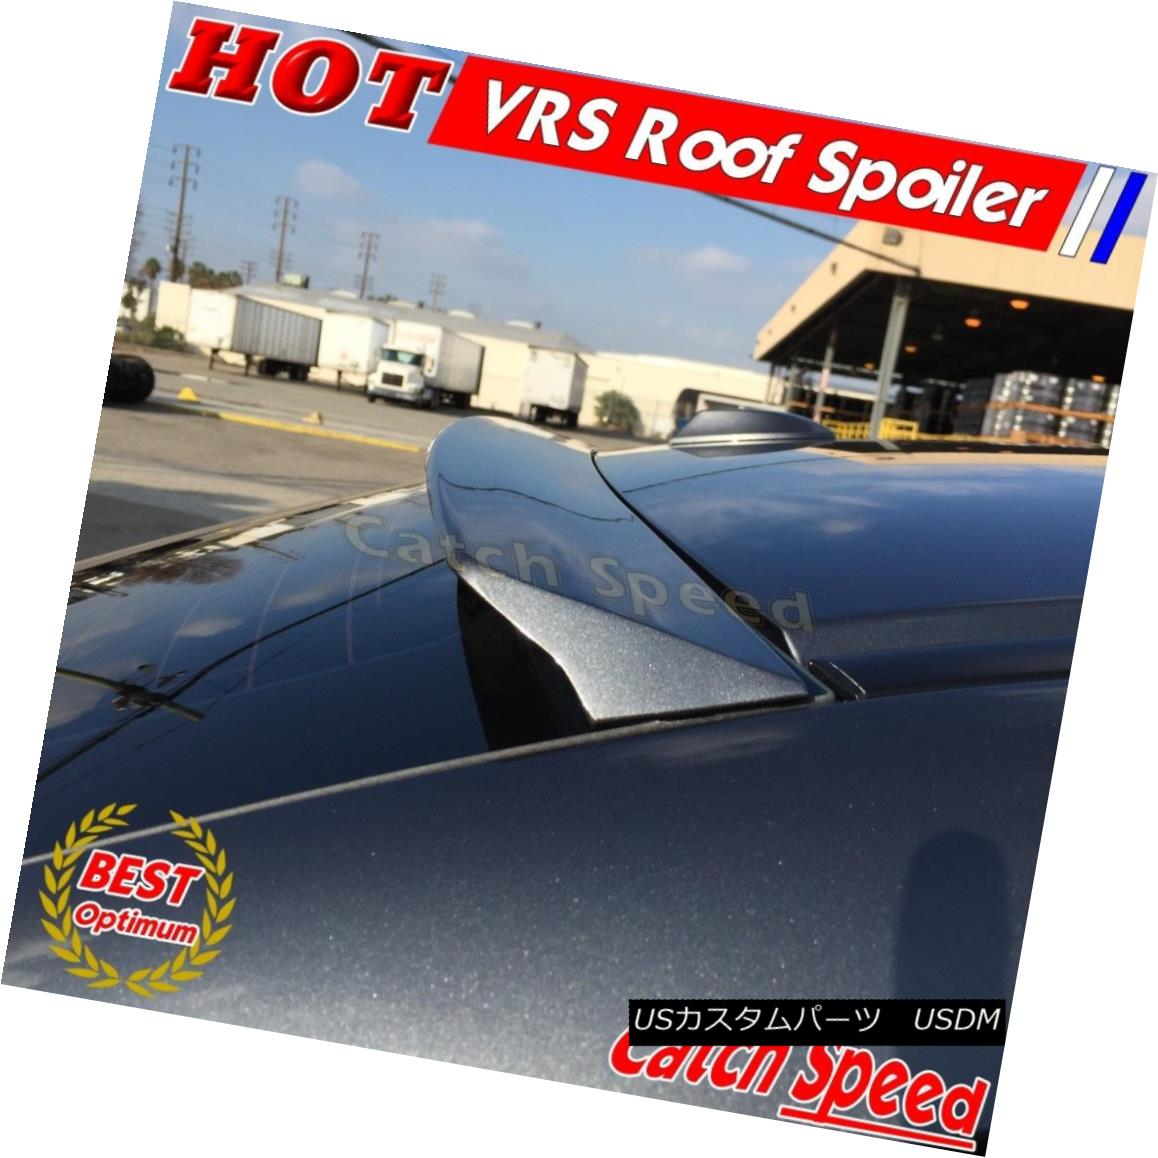 エアロパーツ Painted VRS Type Rear Roof Spoiler For NISSAN SENTRA B16 SE-R SEDAN 2007- 2012 日産セントラルB16 SE-Rセダン2007年 - 2012年塗装VRSタイプリアルーフスポイラー